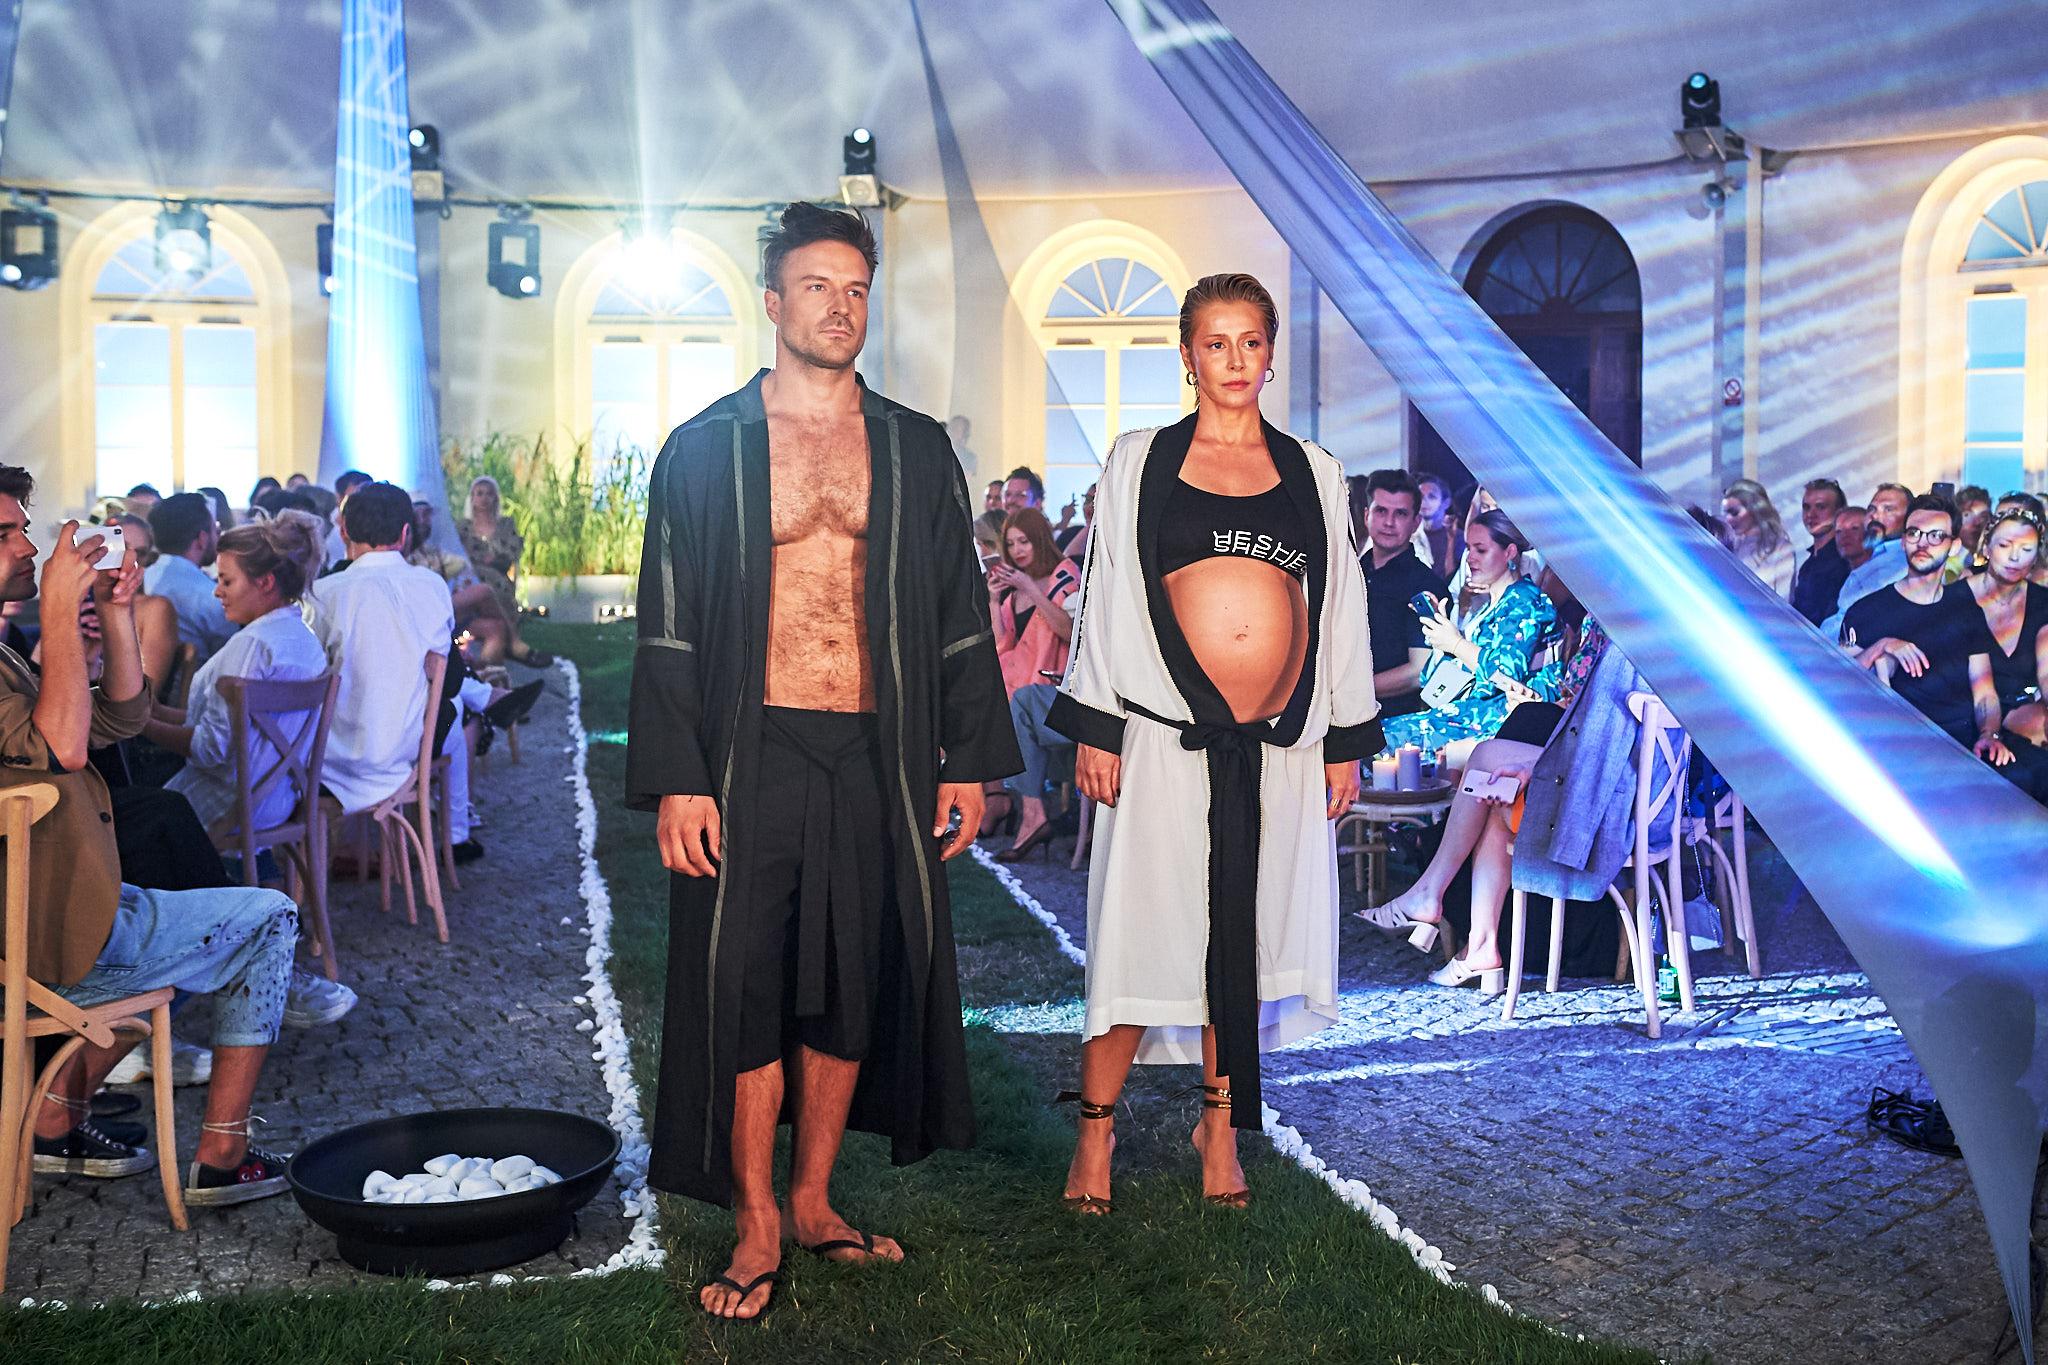 48_MMC-010719-lowres-fotFilipOkopny-FashionImages